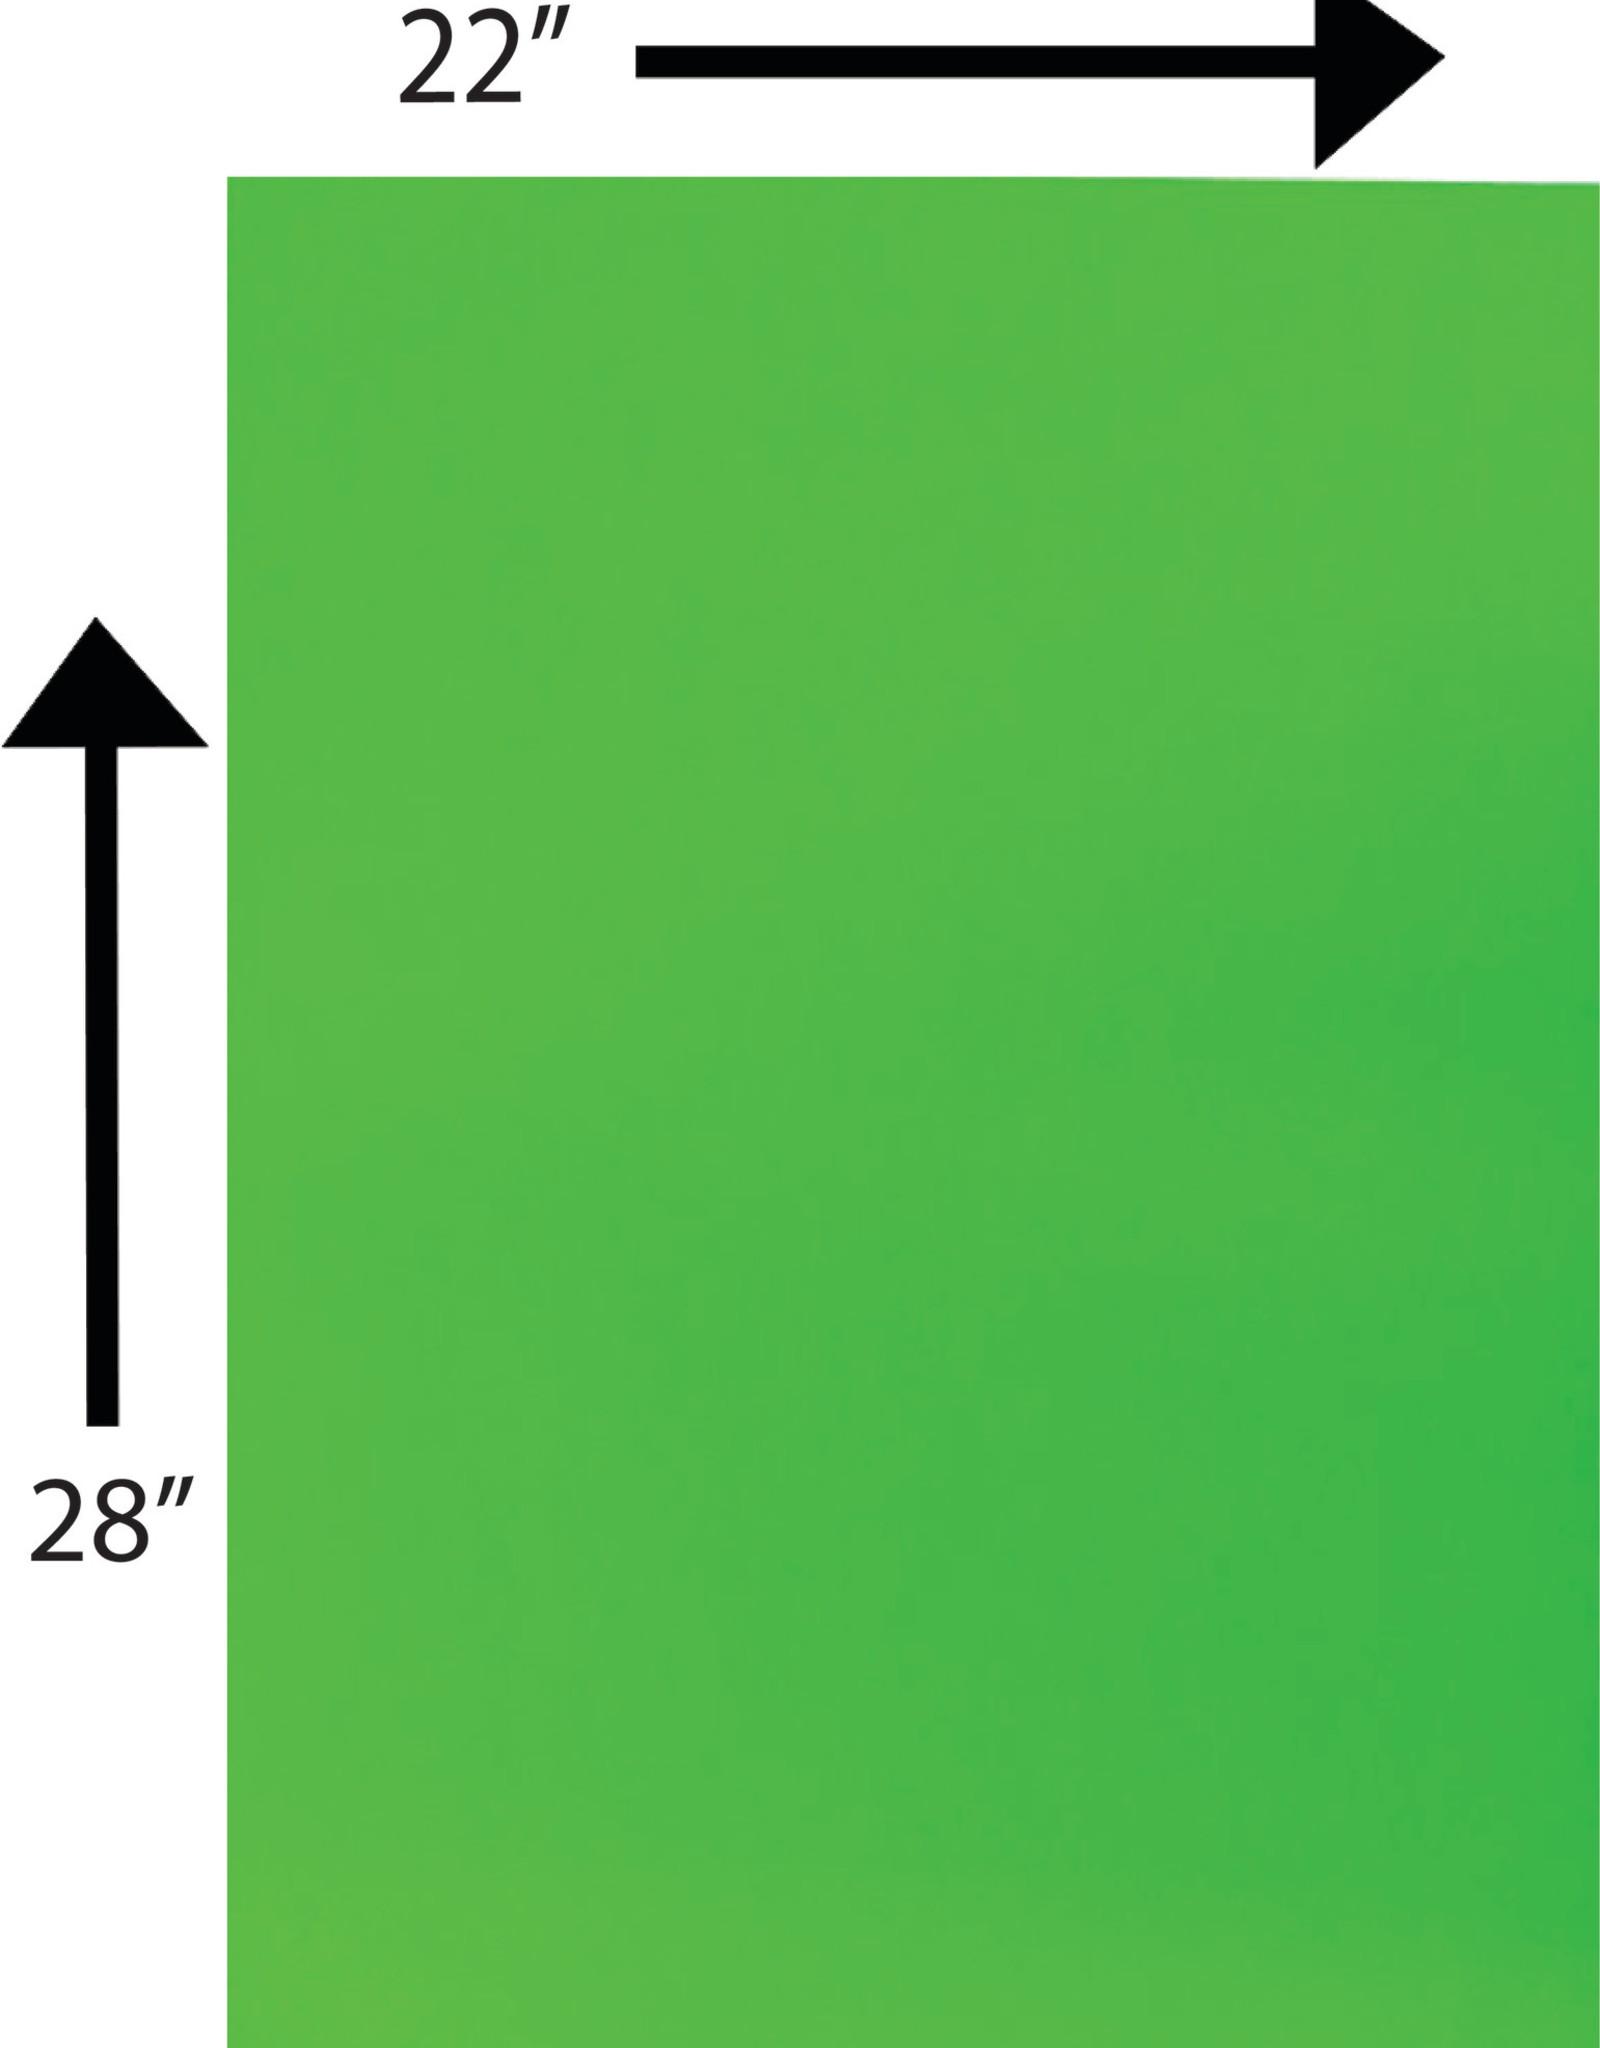 Bristol Board 185GSM 22 x 28 Inches Fluorescent Green